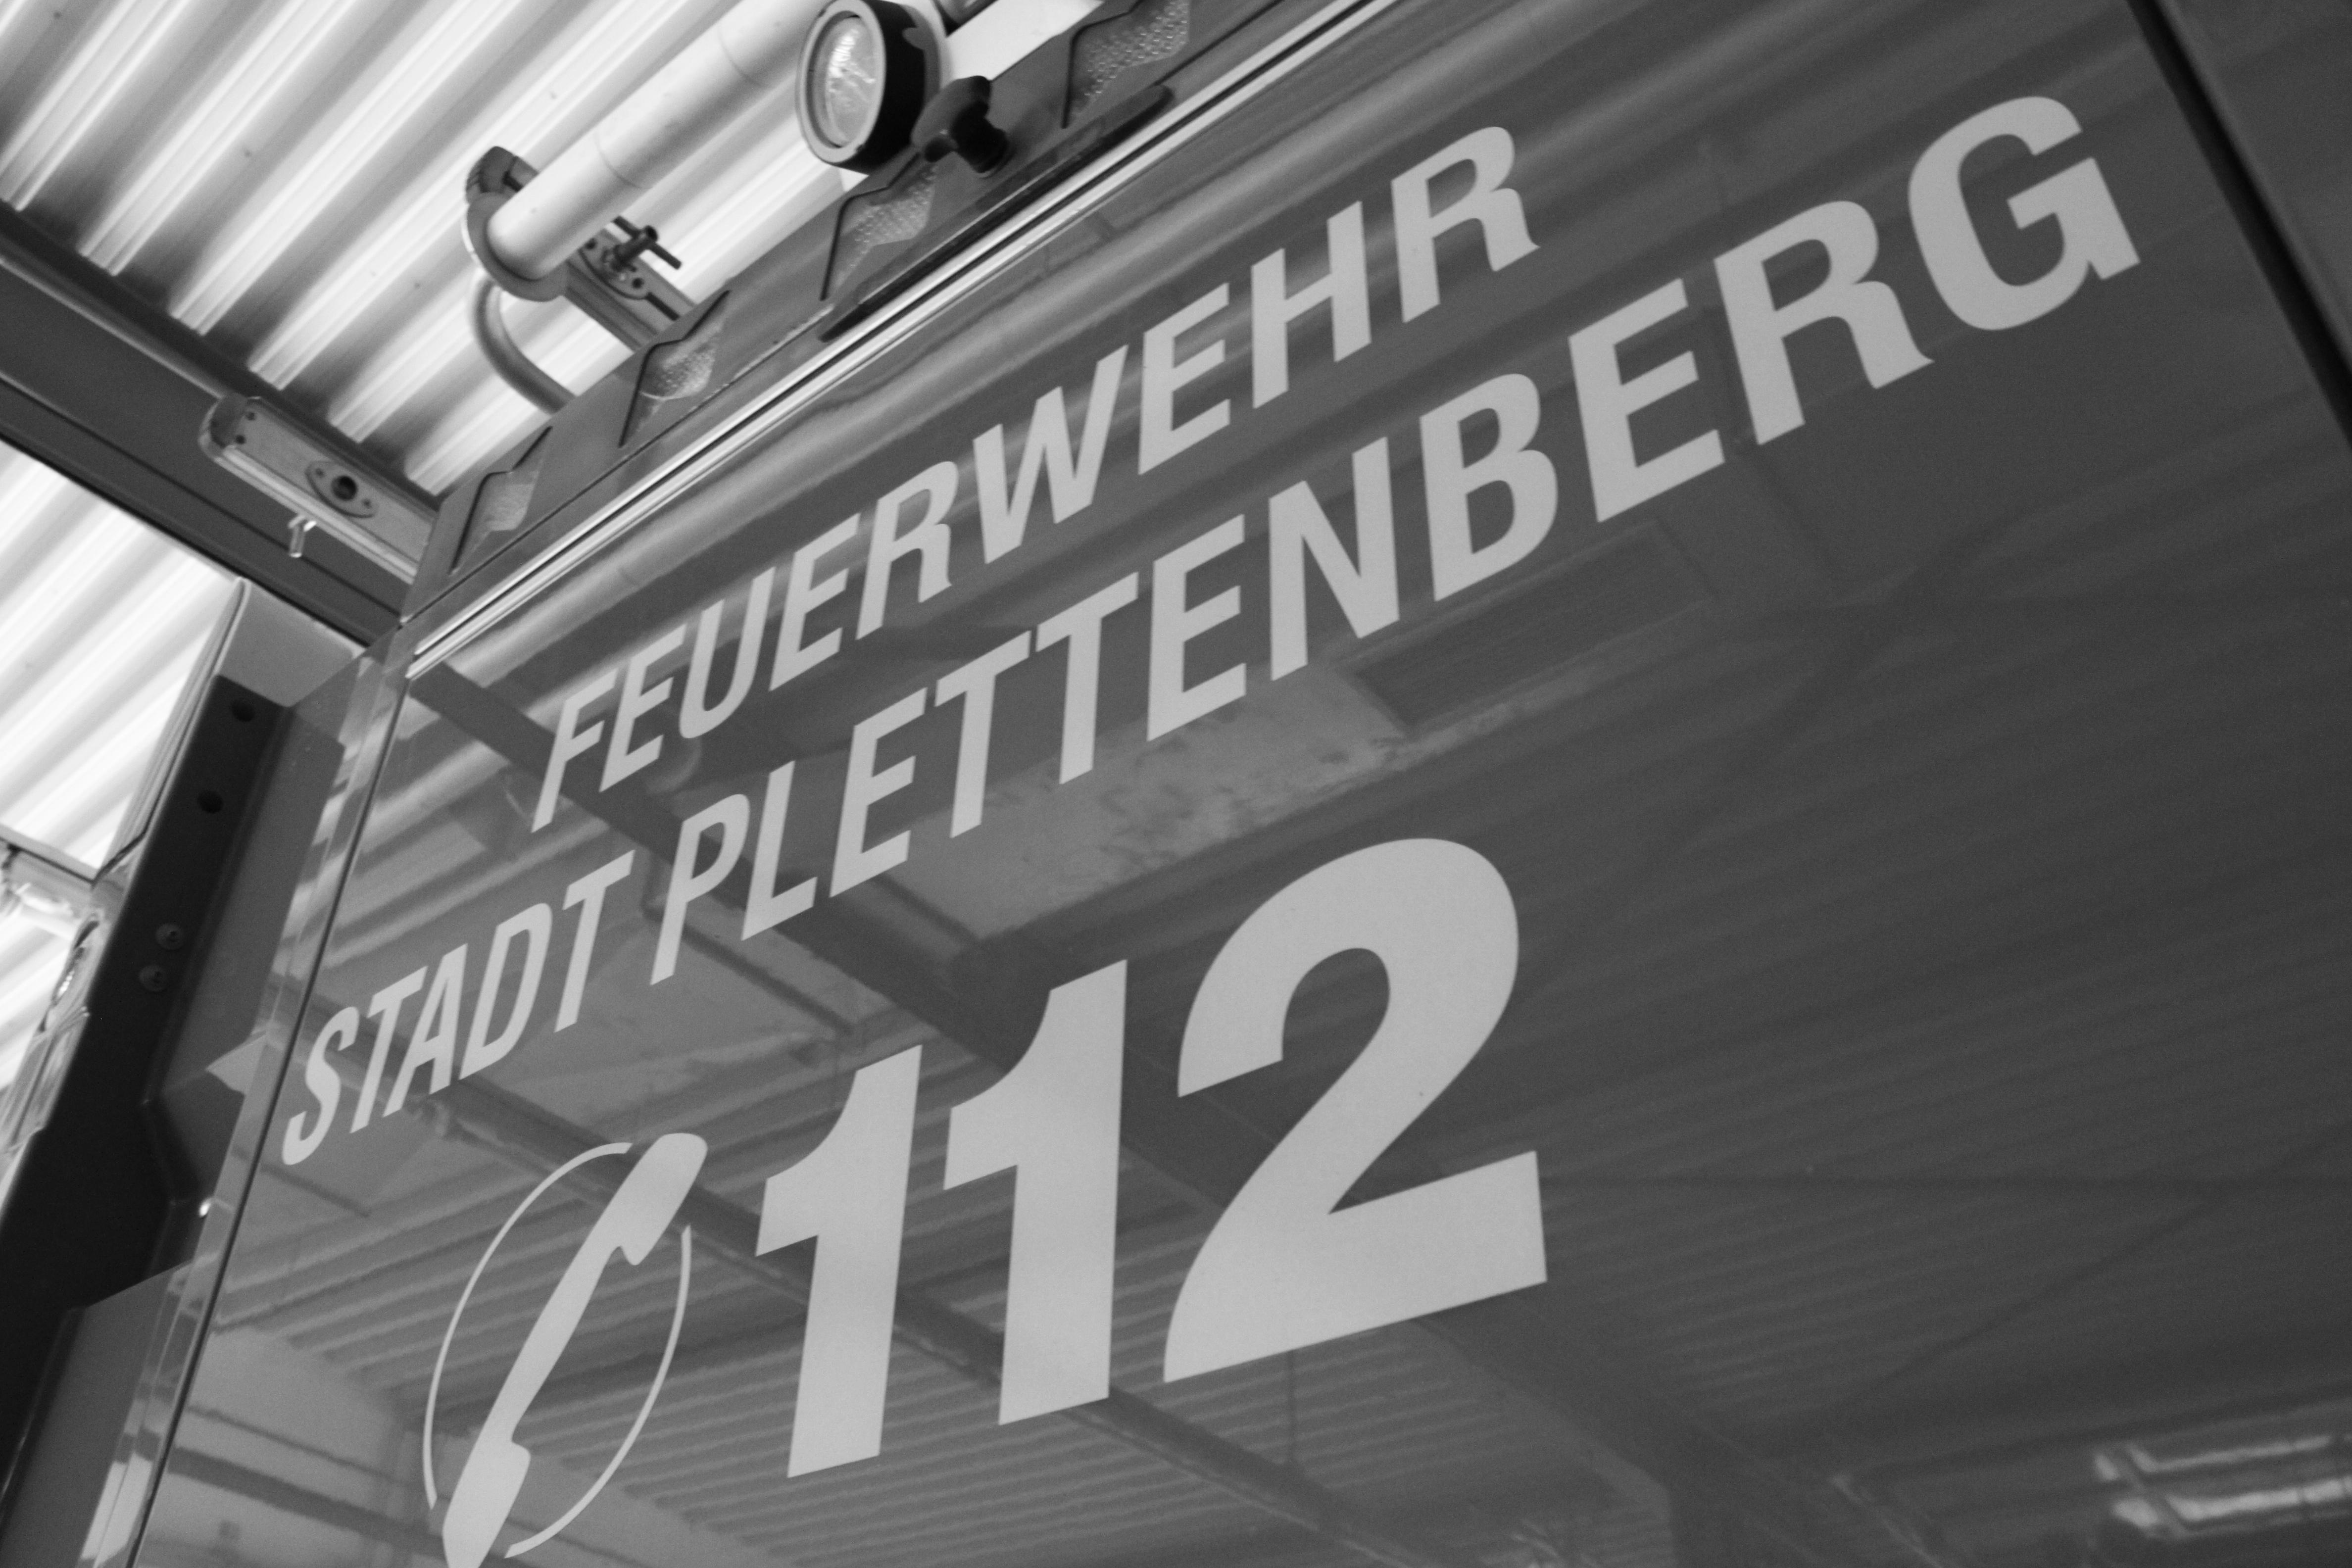 Feuerwehr Plettenberg